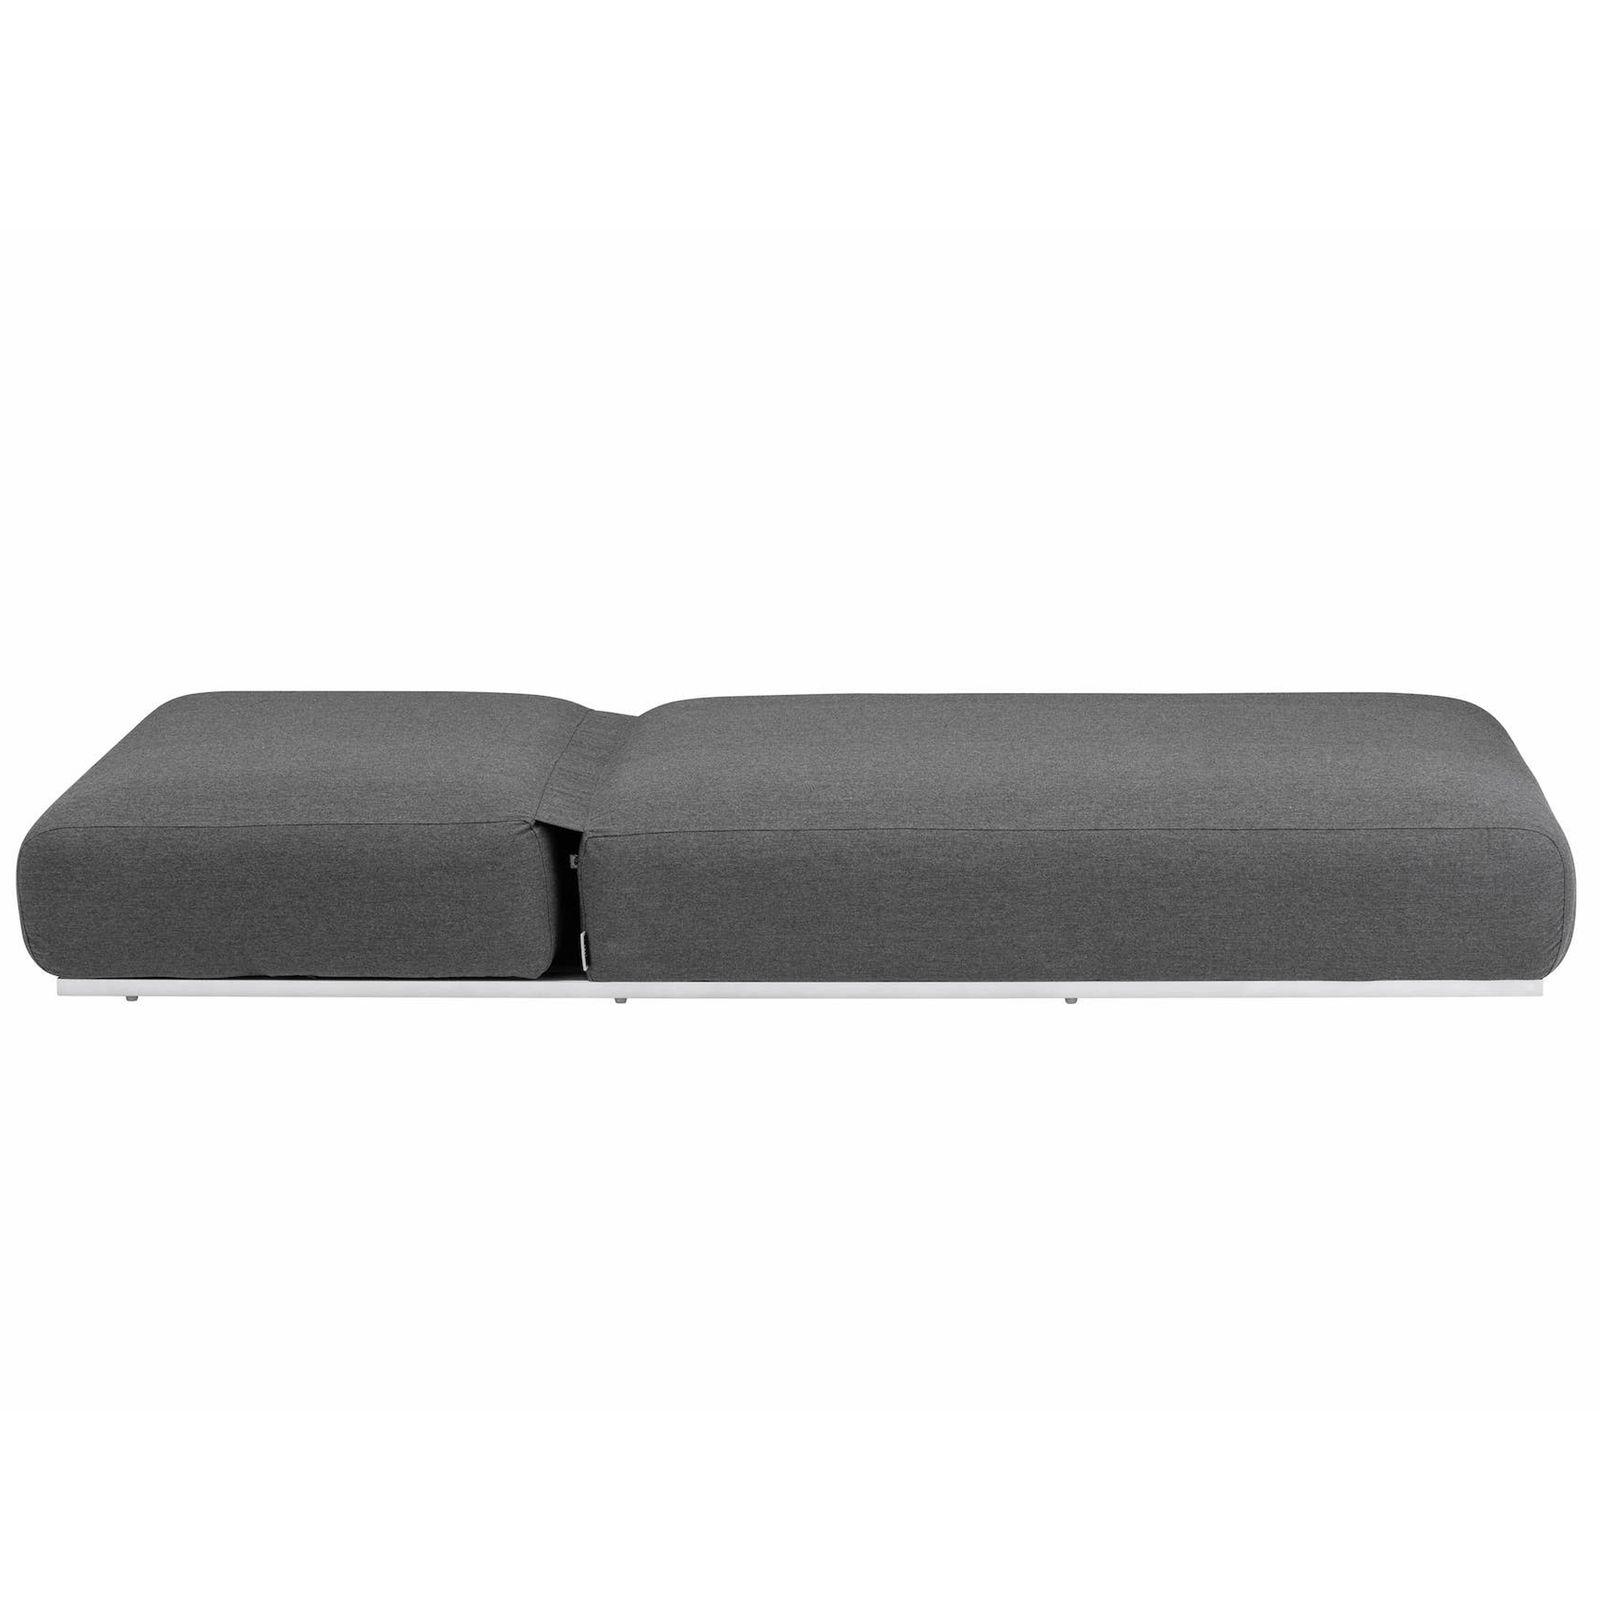 Leżak Ego 213 x 90 x 33 cm srebrno-antracytowy KETTLER